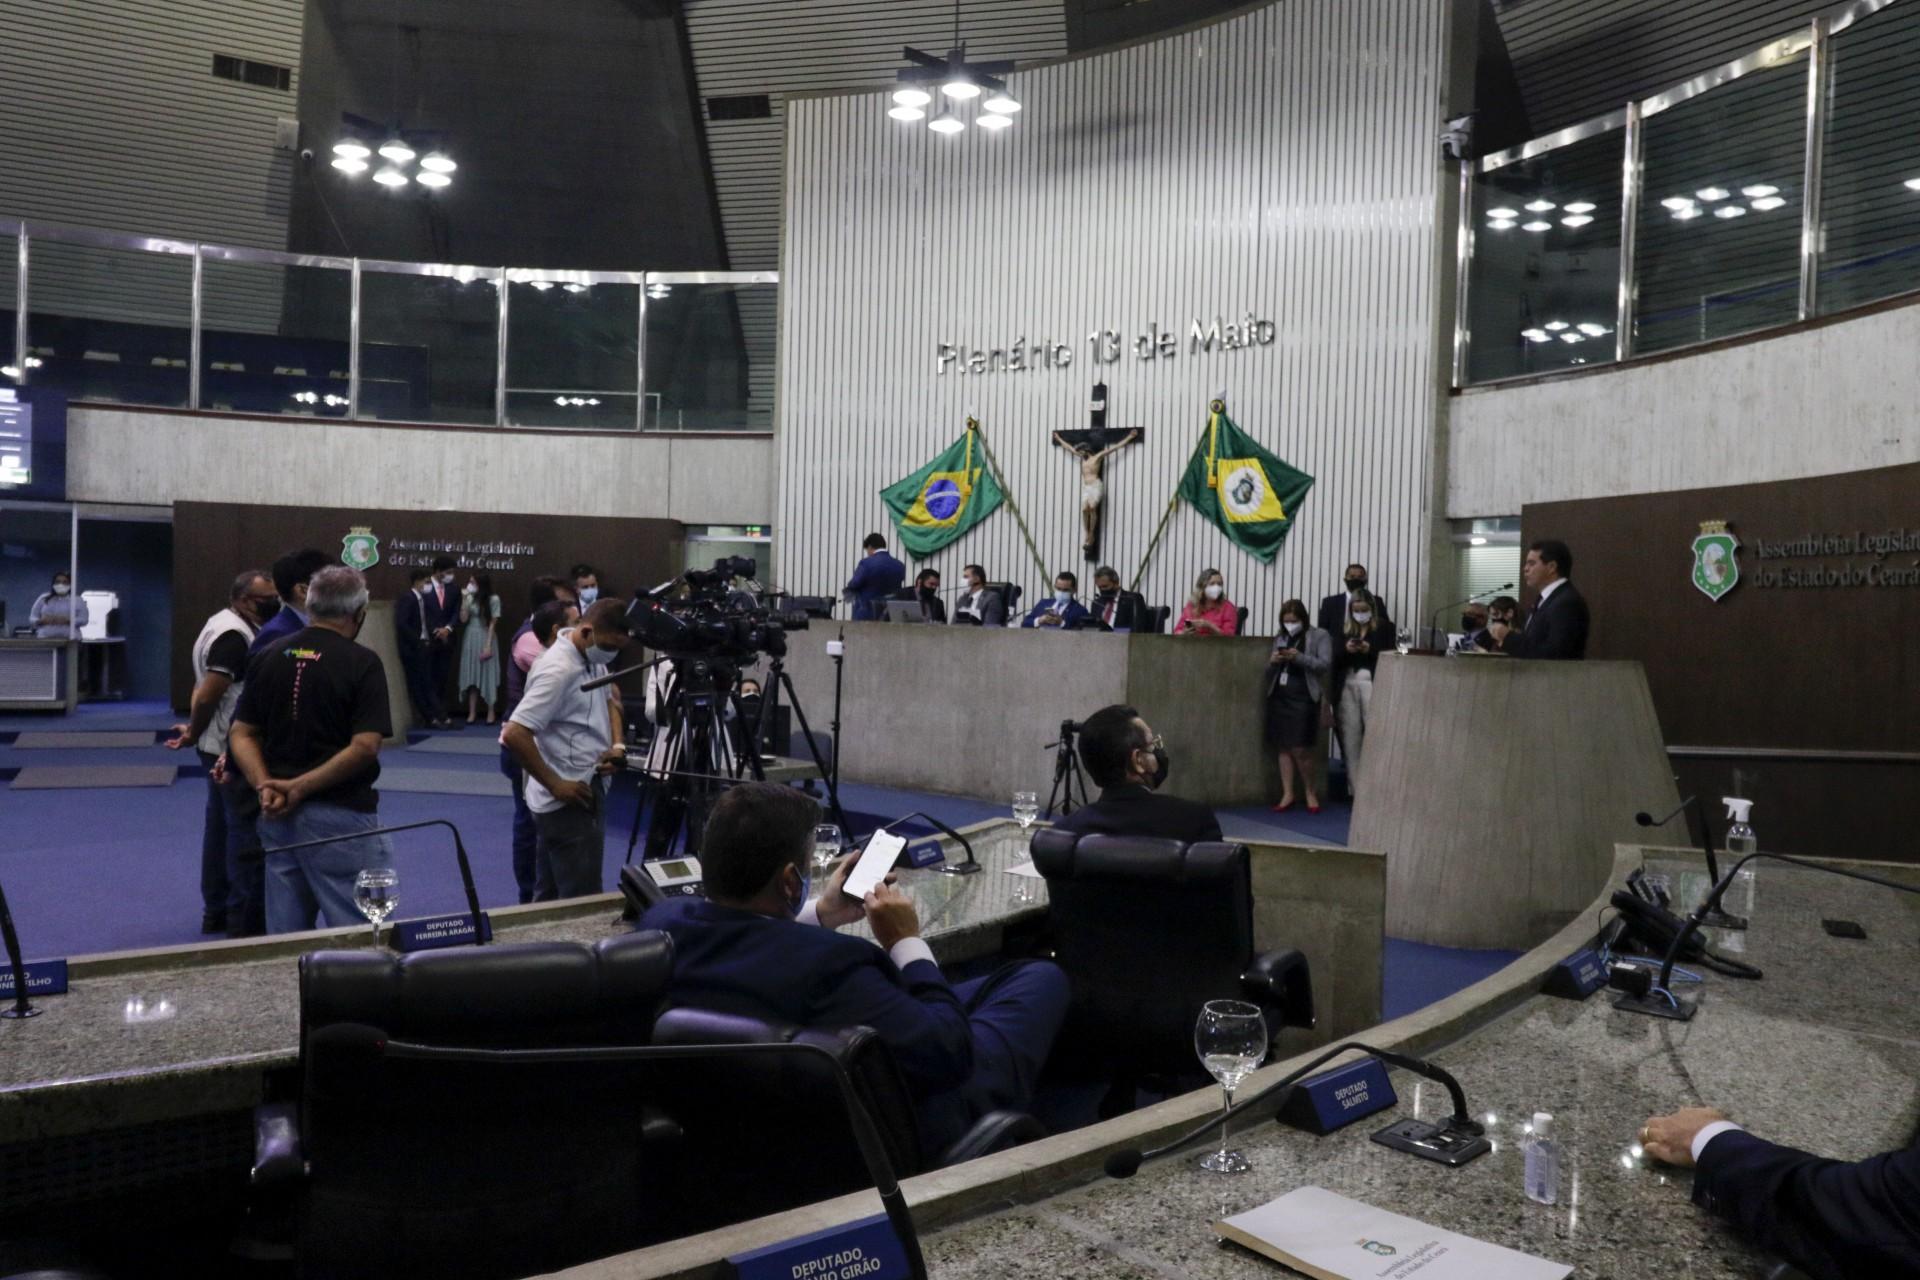 FORTALEZA, CE, BRASIL, 15.07.2021: Assembleia Legislativa do Ceará - Ultima sessão do semestre 2021.1 - Visão Geral Assembleia (Thais Mesquita/OPOVO) (Foto: Thais Mesquita)